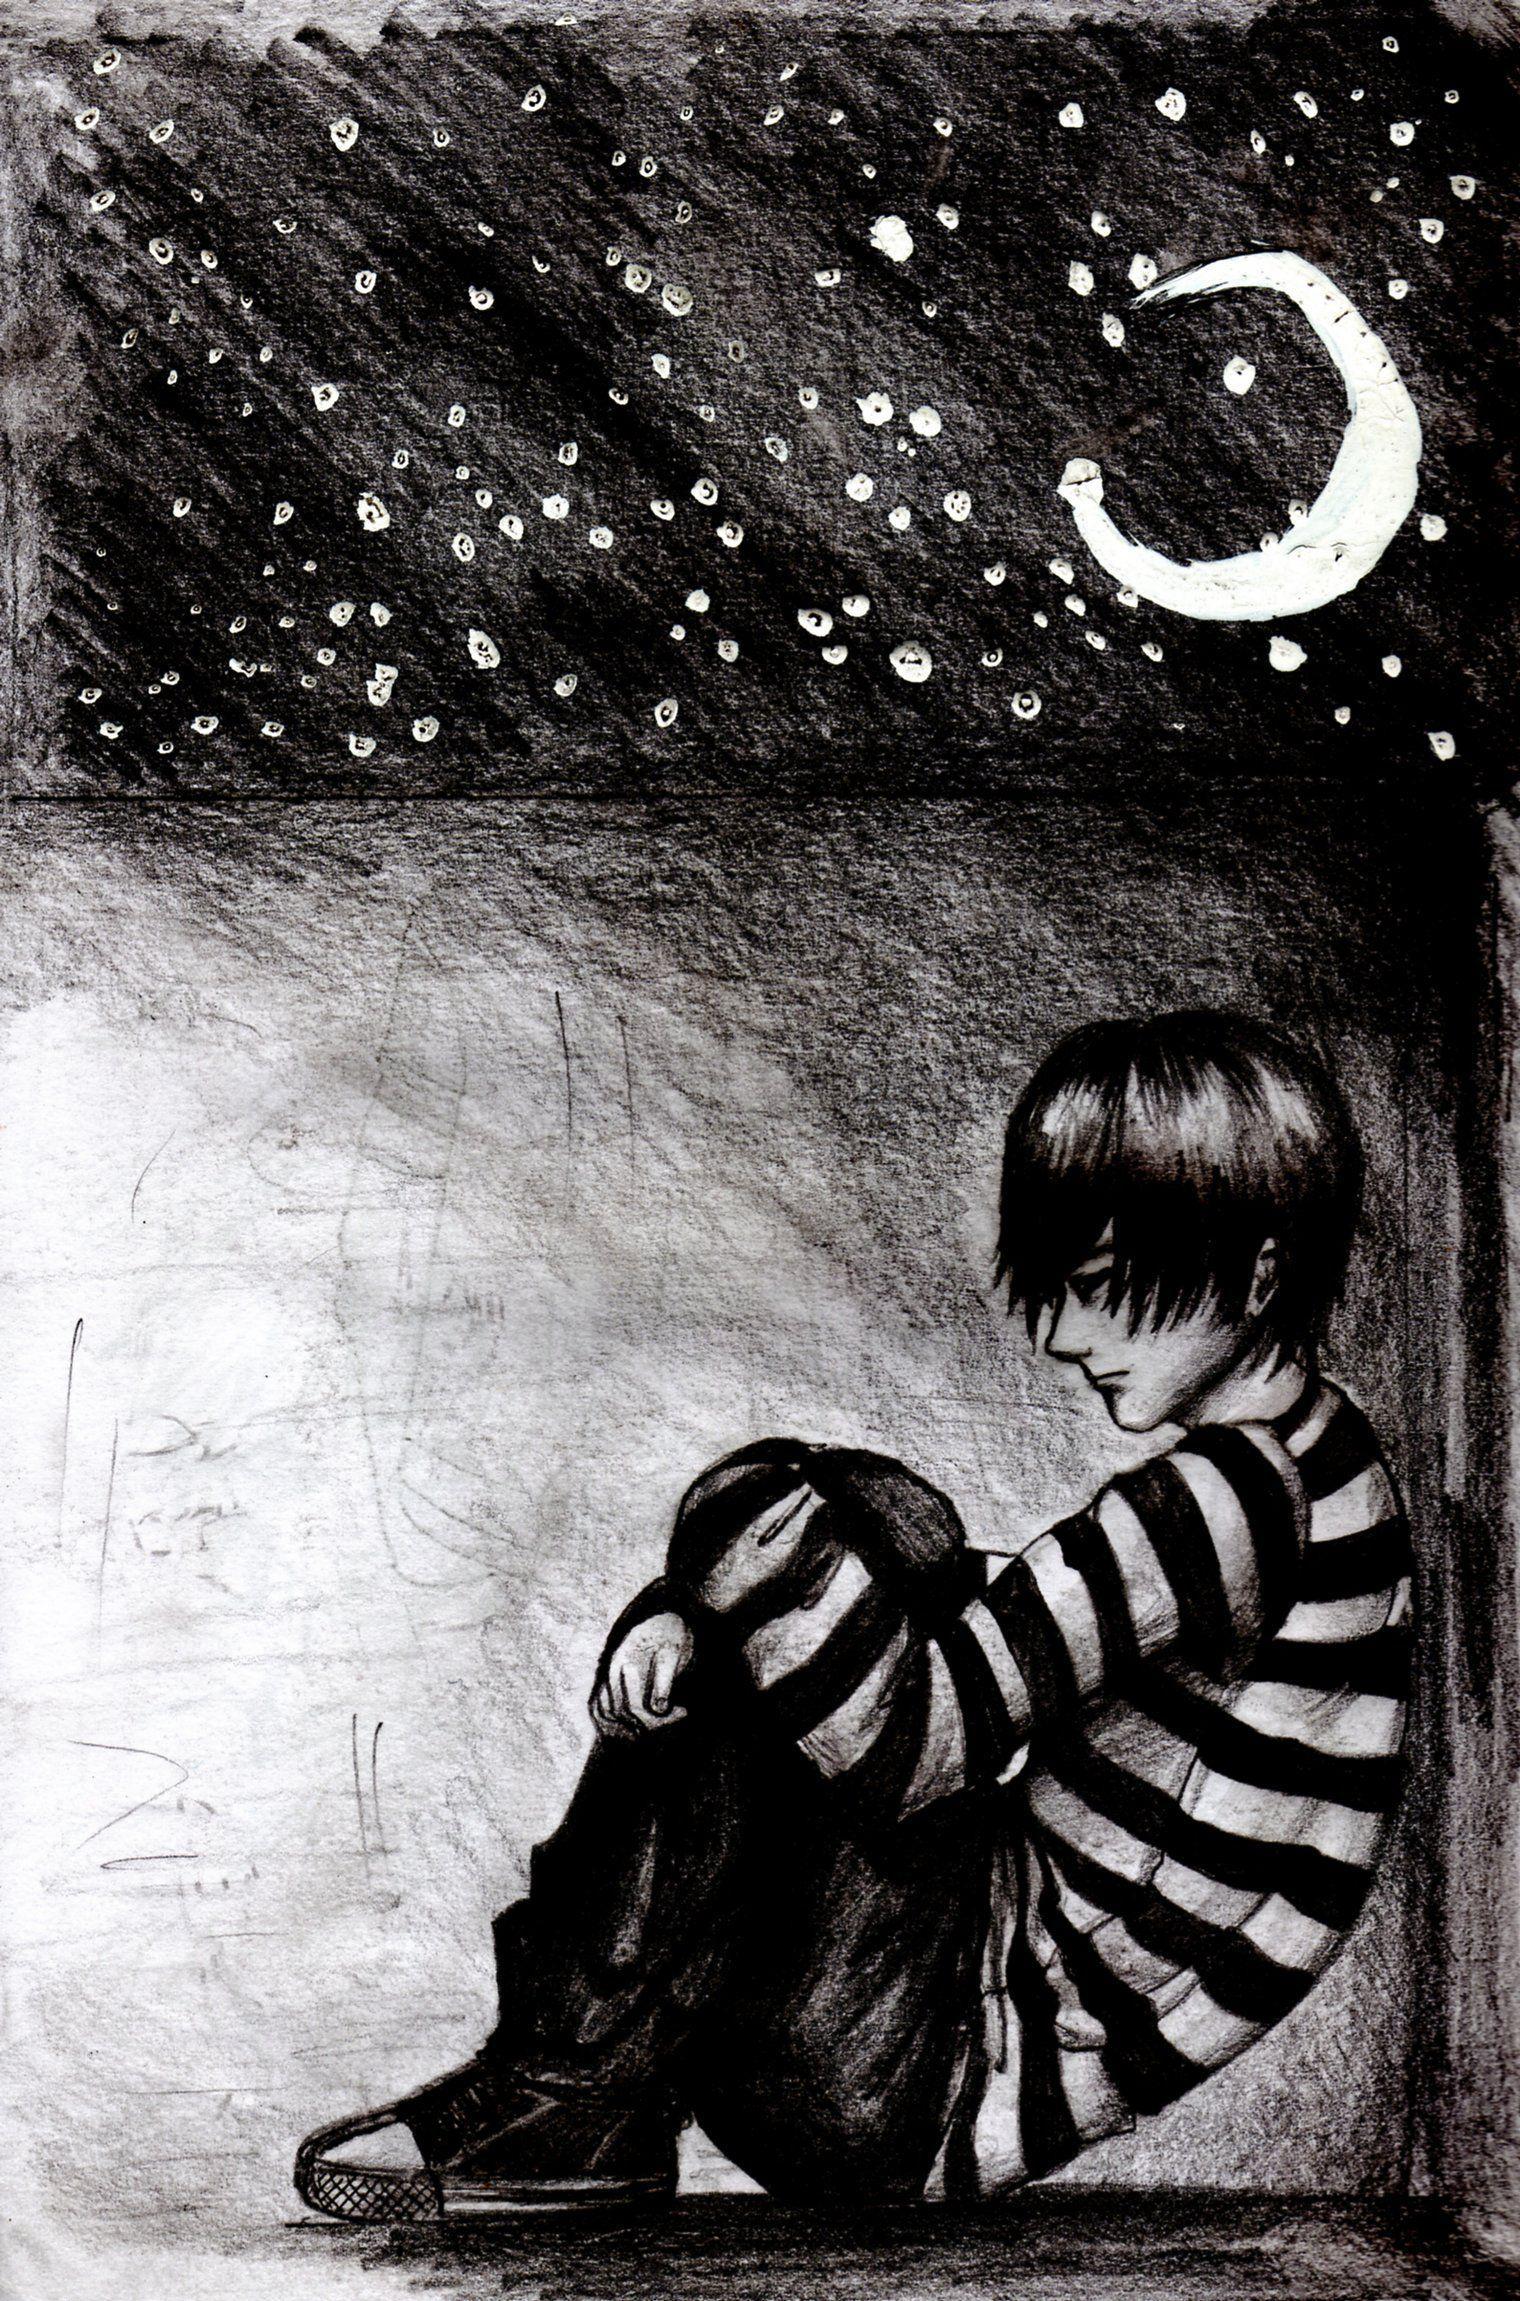 Sad boy by kett l on deviantart